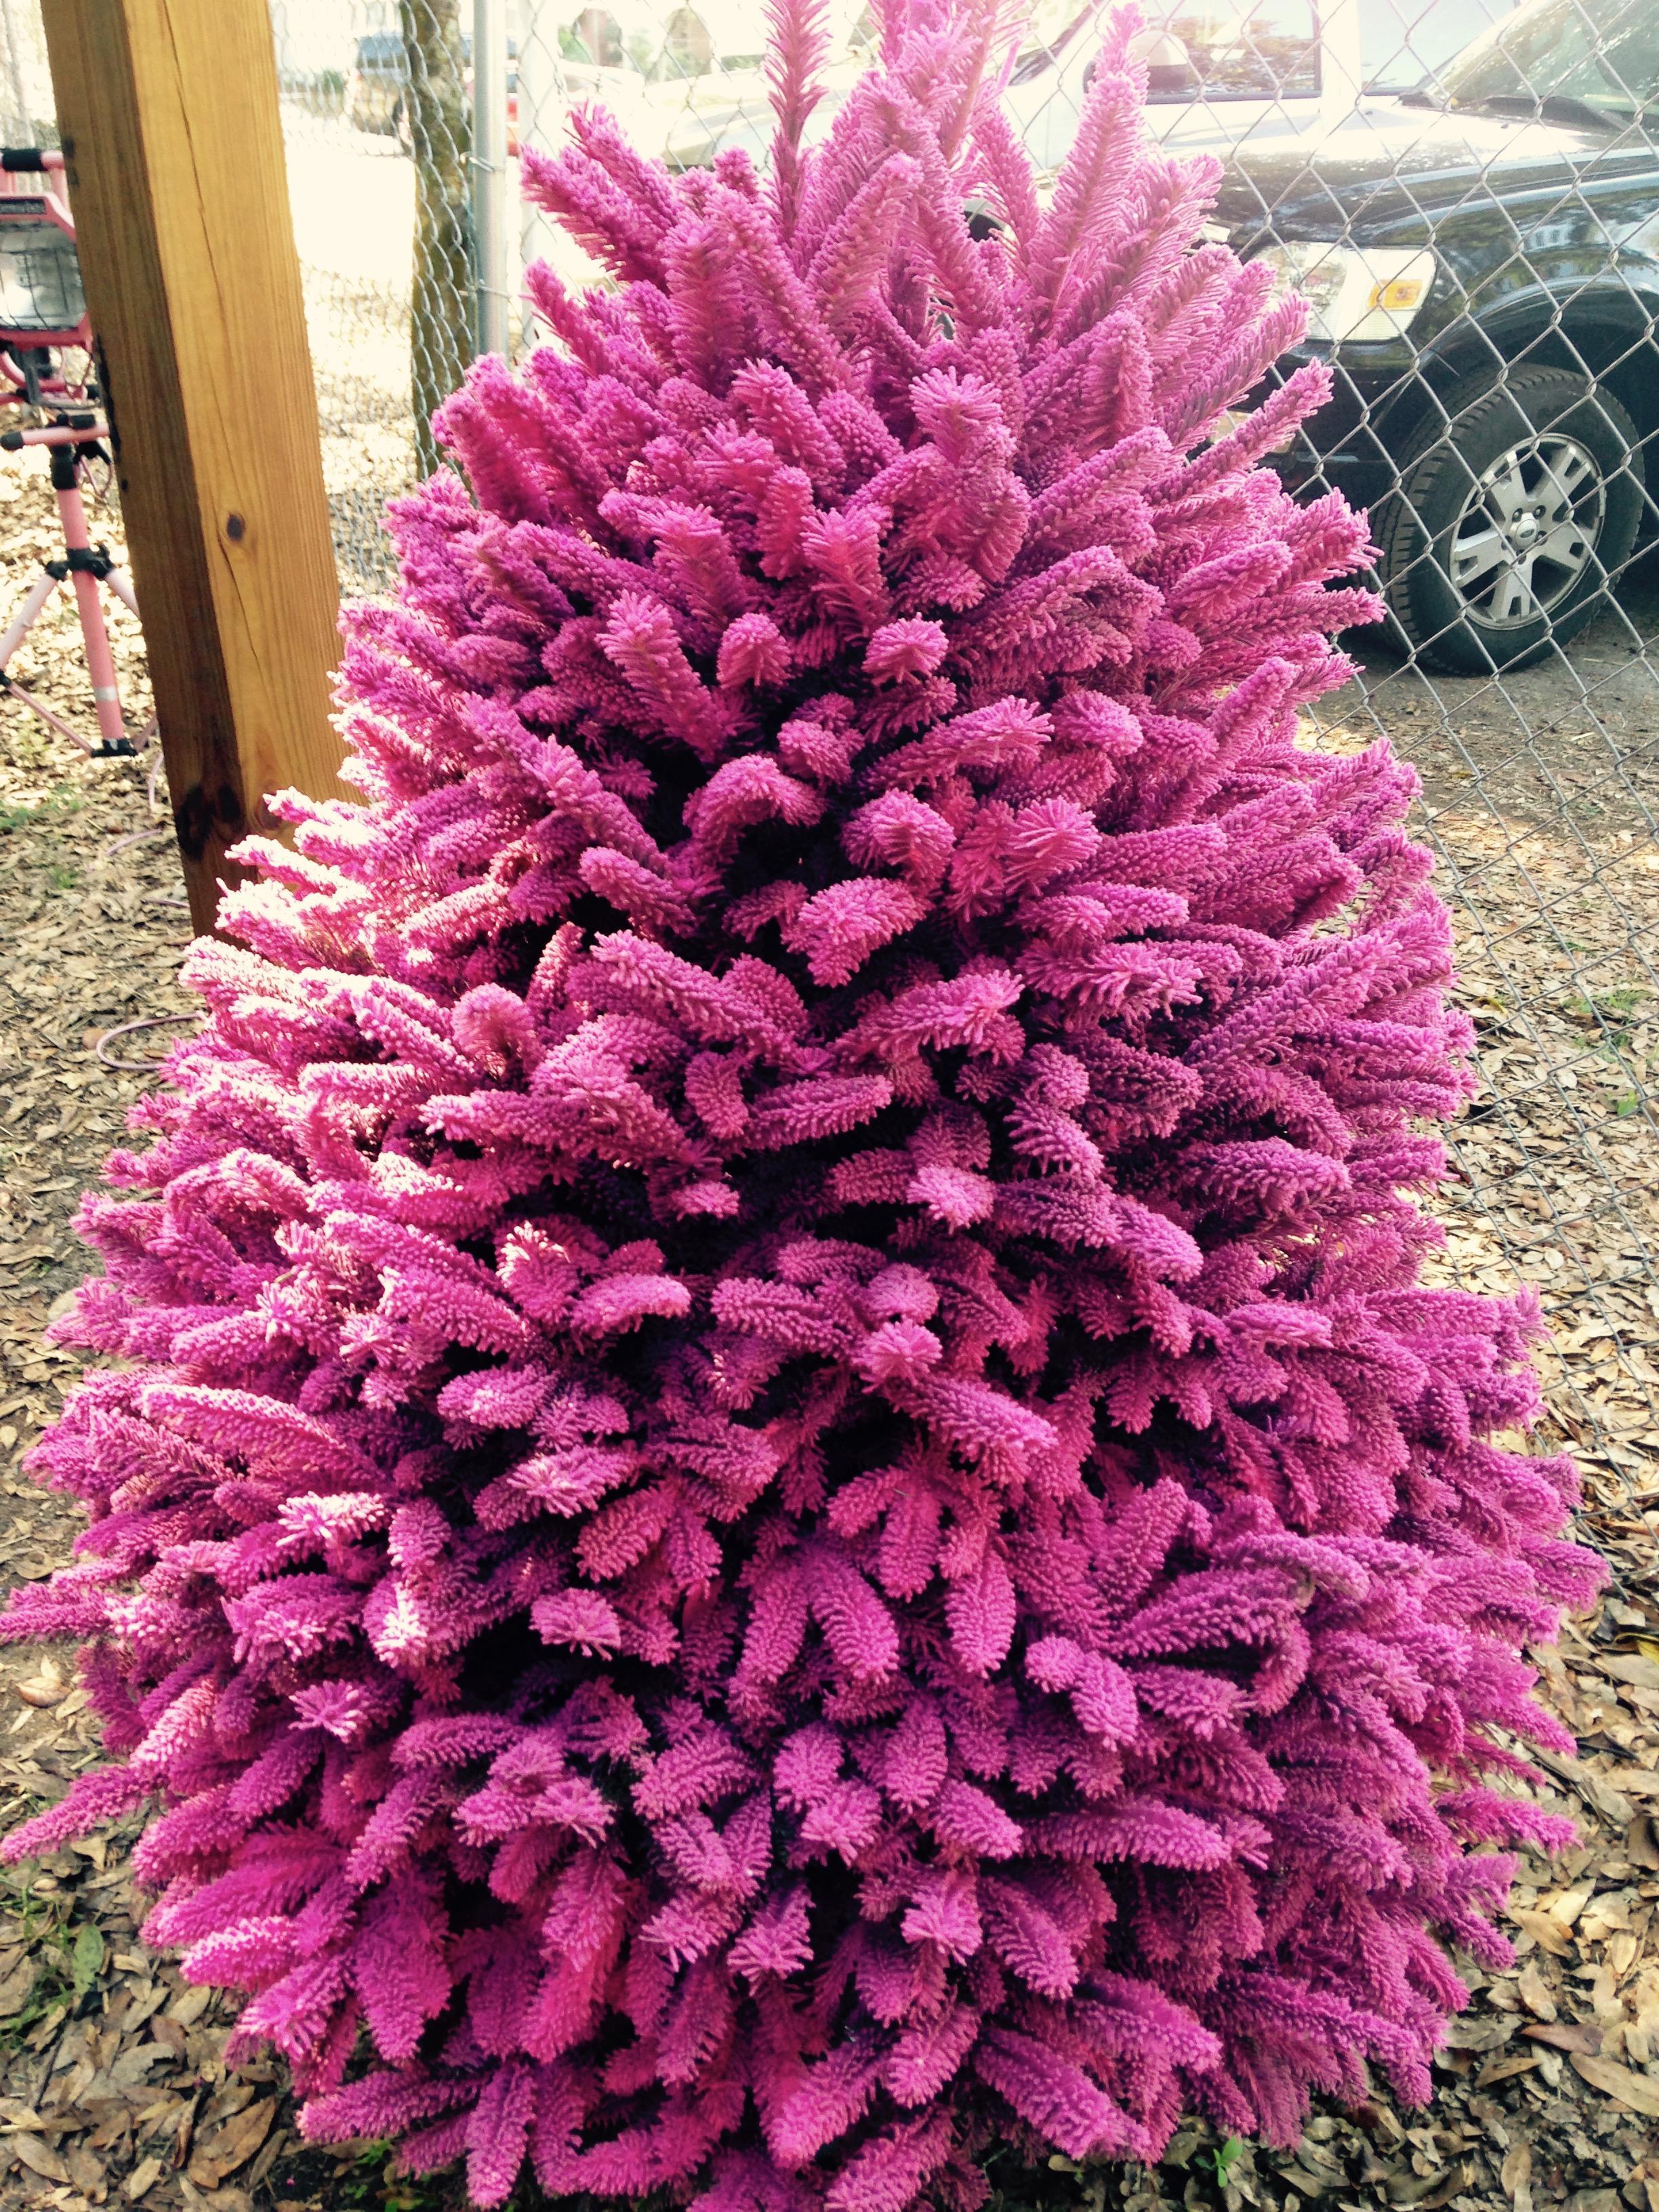 Dave's Christmas Tree Lot image 15